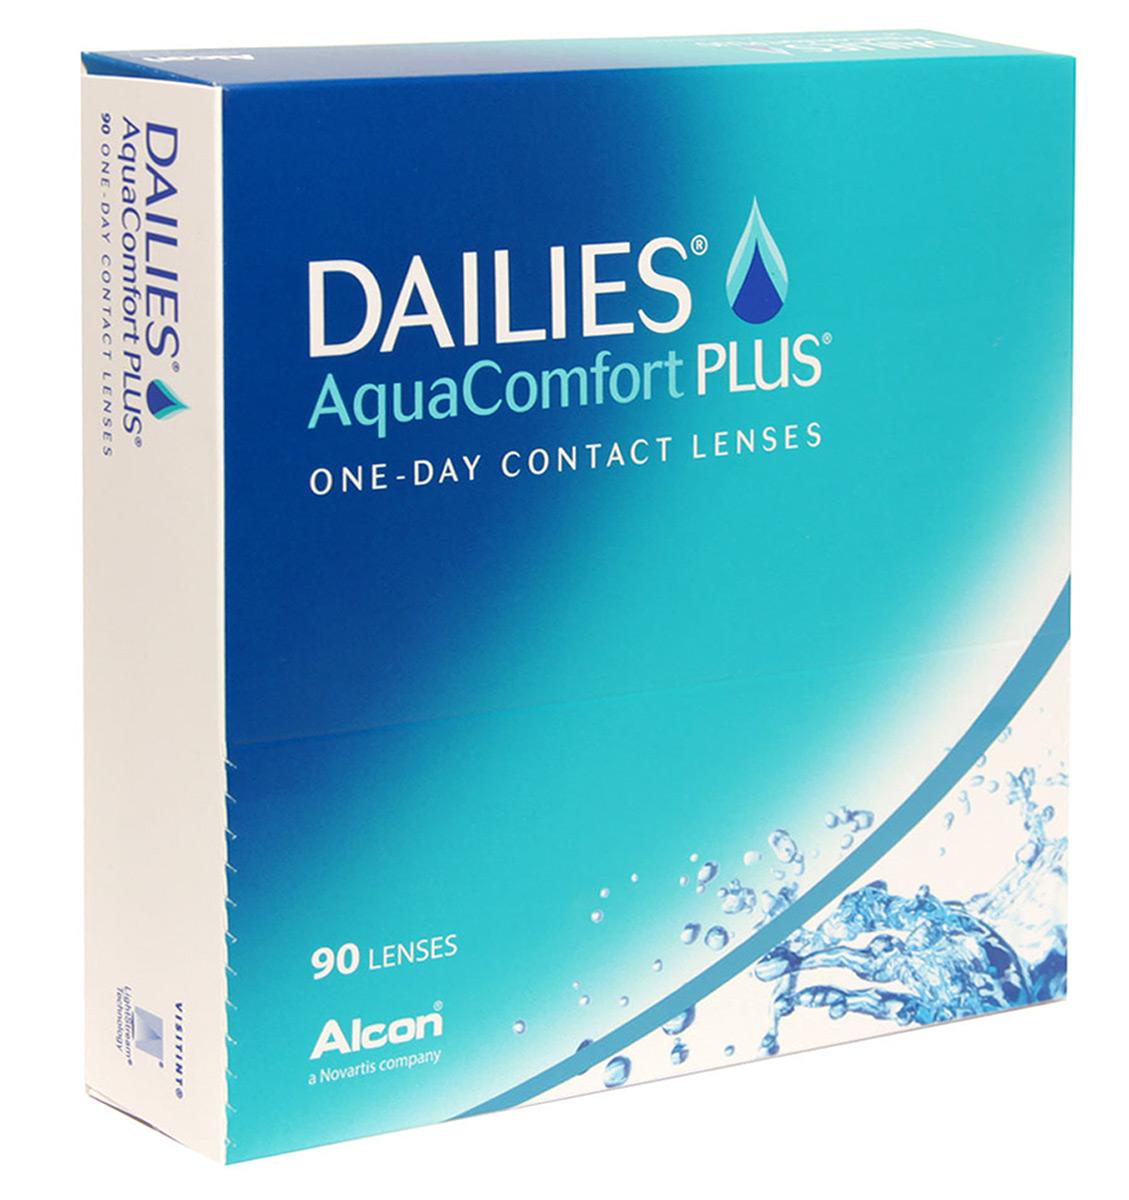 Alcon-CIBA Vision контактные линзы Dailies AquaComfort Plus (90шт / 8.7 / 14.0 / +4.25)38358Dailies Aqua Comfort Plus (90 блистеров) – это одни из самых популярных однодневных линз производства компании CIBA VISION. Эти линзы пользуются огромной популярностью во всем мире и являются на сегодняшний день самыми безопасными контактными линзами. Изготавливаются линзы из современного, 100% безопасного материала нелфилкон А. Особенность этого материала в том, что он легко пропускает воздух и хорошо сохраняет влагу. Однодневные контактные линзы Dailies Aqua Comfort Plus не нуждаются в дополнительном уходе и затратах, каждый день вы надеваете свежую пару линз. Дизайн линзы биосовместимый, что гарантирует безупречный комфорт. Самое главное достоинство Dailies Aqua Comfort Plus – это их уникальная система увлажнения. Благодаря этой разработке линзы увлажняются тремя различными агентами. Первый компонент, ухаживающий за линзами, находится в растворе, он как бы обволакивает линзу, обеспечивая чрезвычайно комфортное надевание. Второй агент выделяется на протяжении всего дня, он...